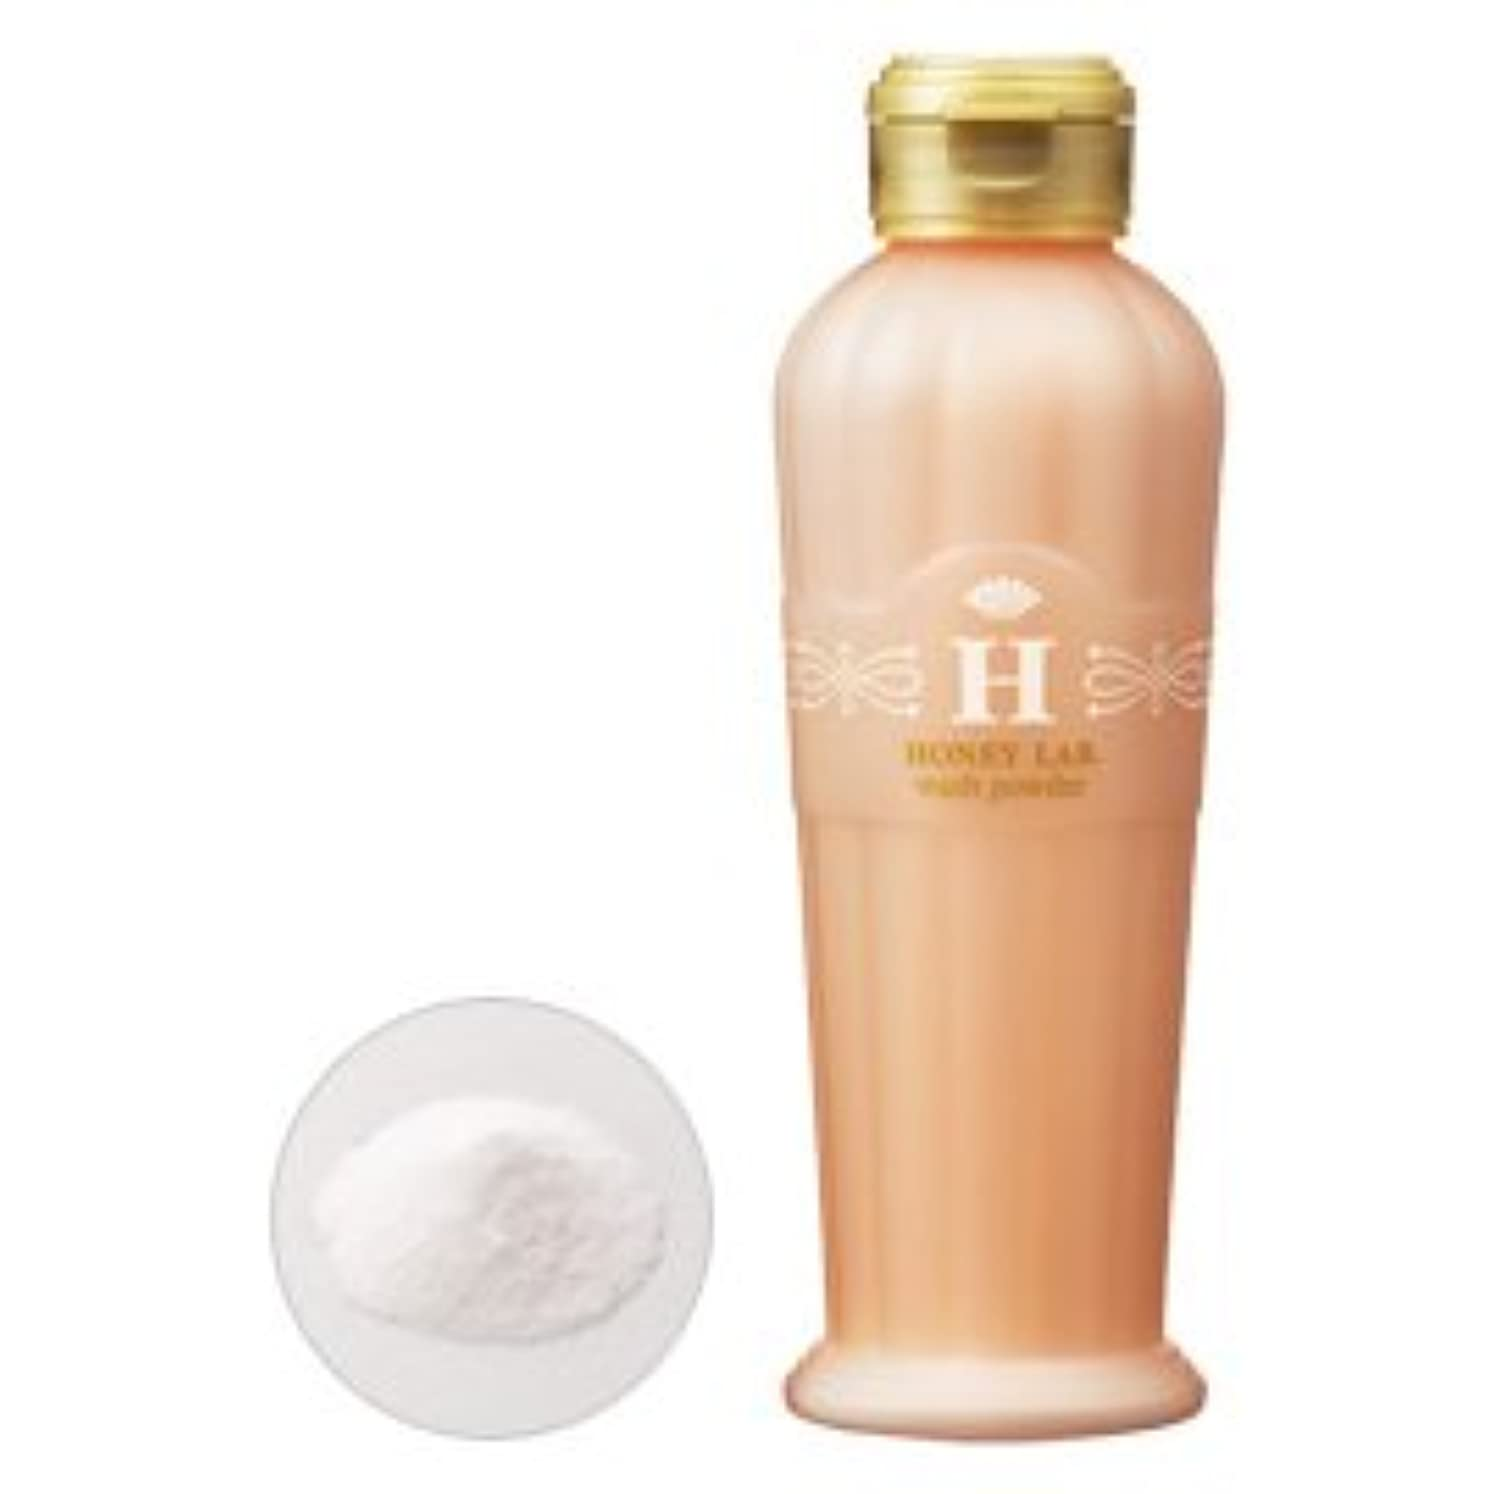 酒砲兵パワーハニーラボ 洗顔パウダー 粉末状洗顔料 60g/Honey lab Face Wash Powder <60g>